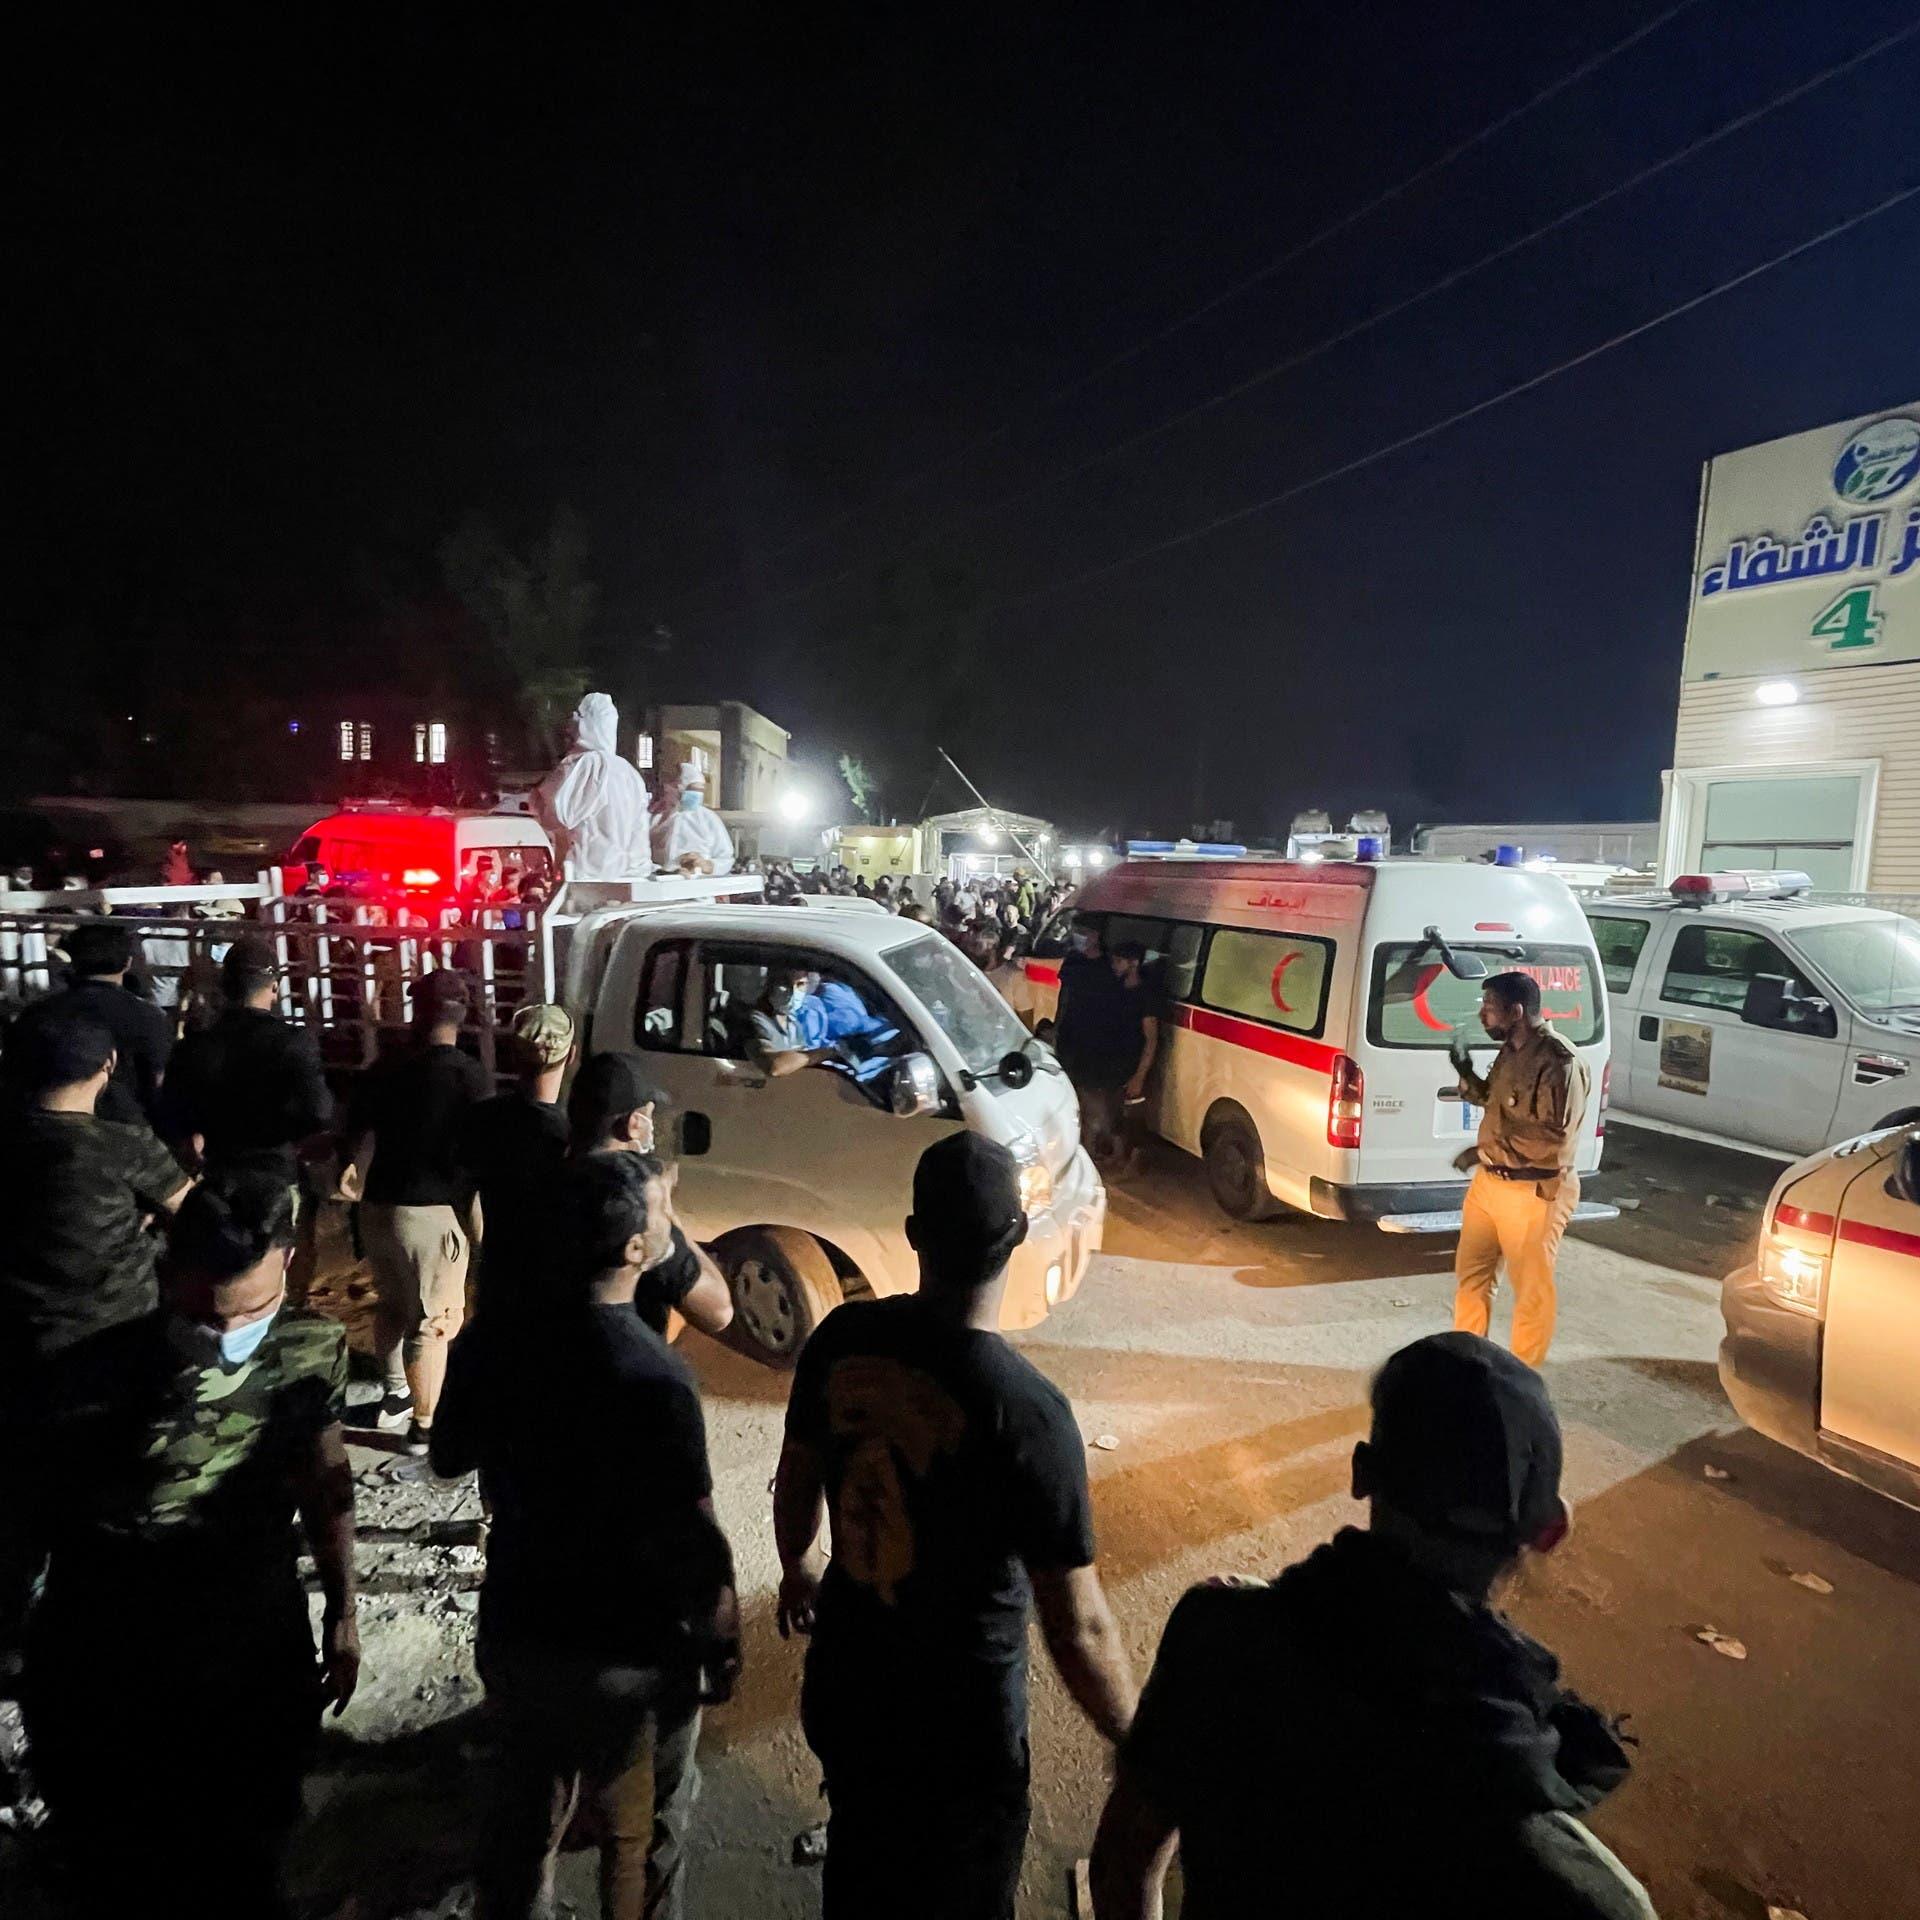 فاجعة مستشفى العراق.. الداخلية تكشف تفاصيل جديدة